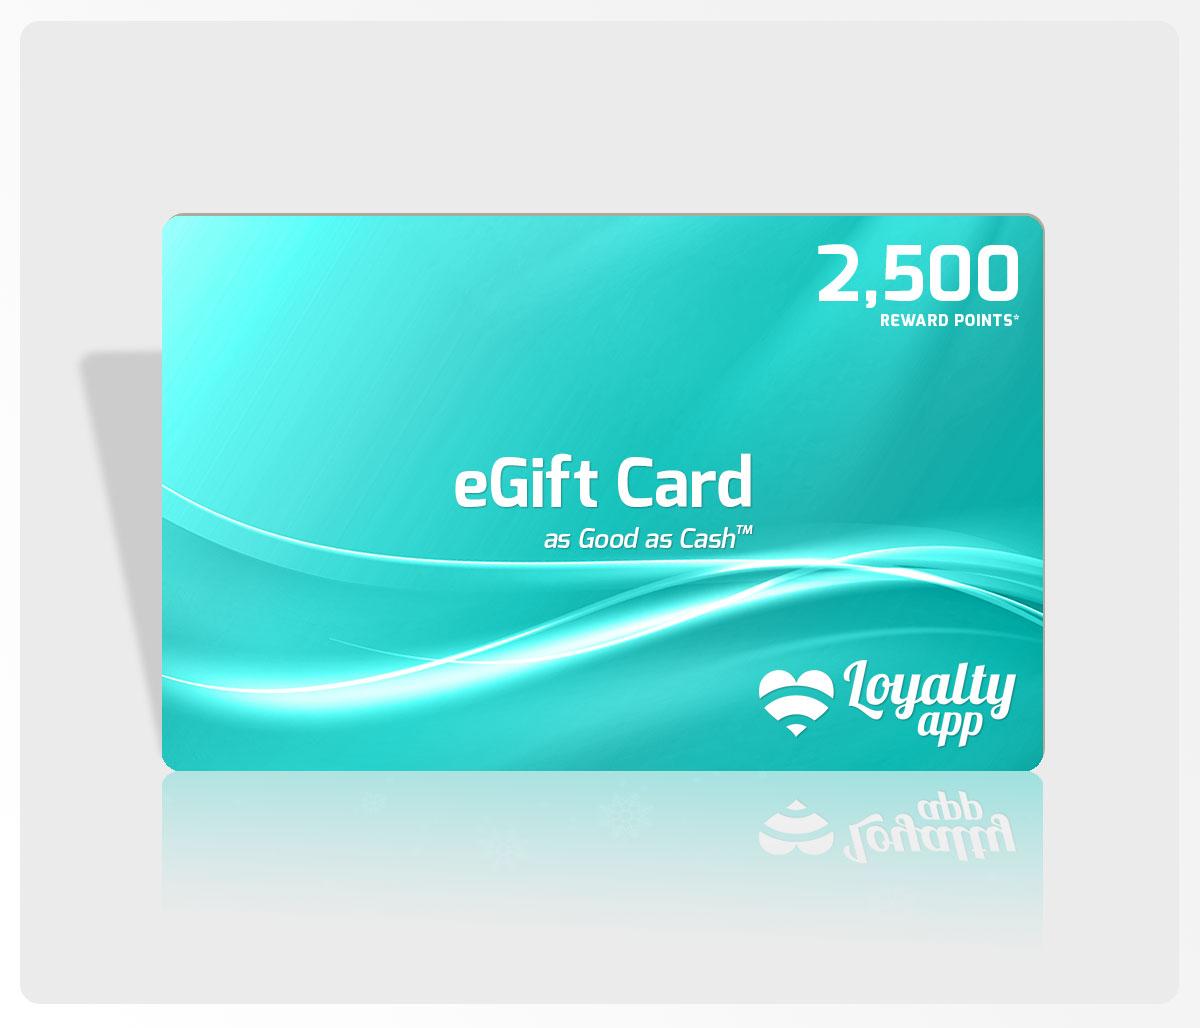 2500 reward points eGift Card